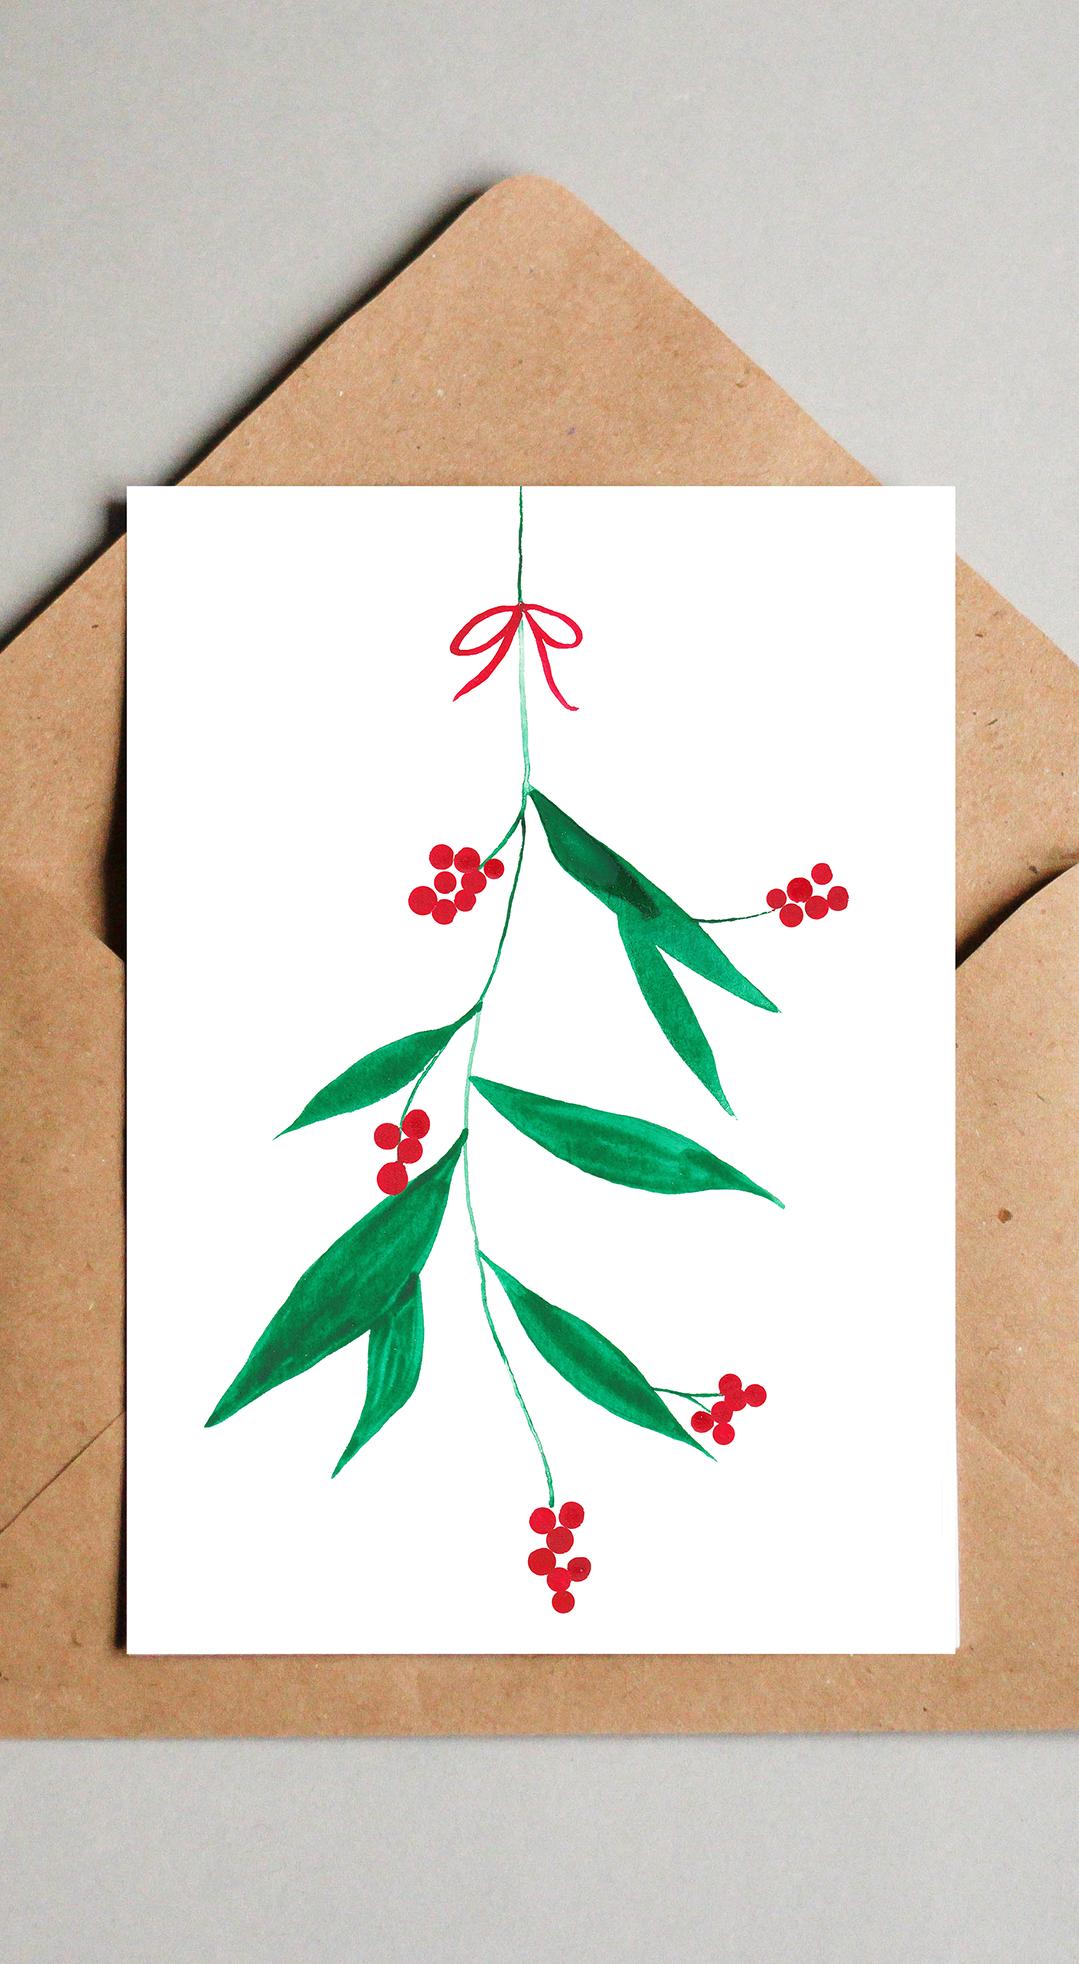 Moderne Weihnachtskarten Basteln.Moderne Weihnachtskarte Mit Mistelzweig Aquarell Druck Zum